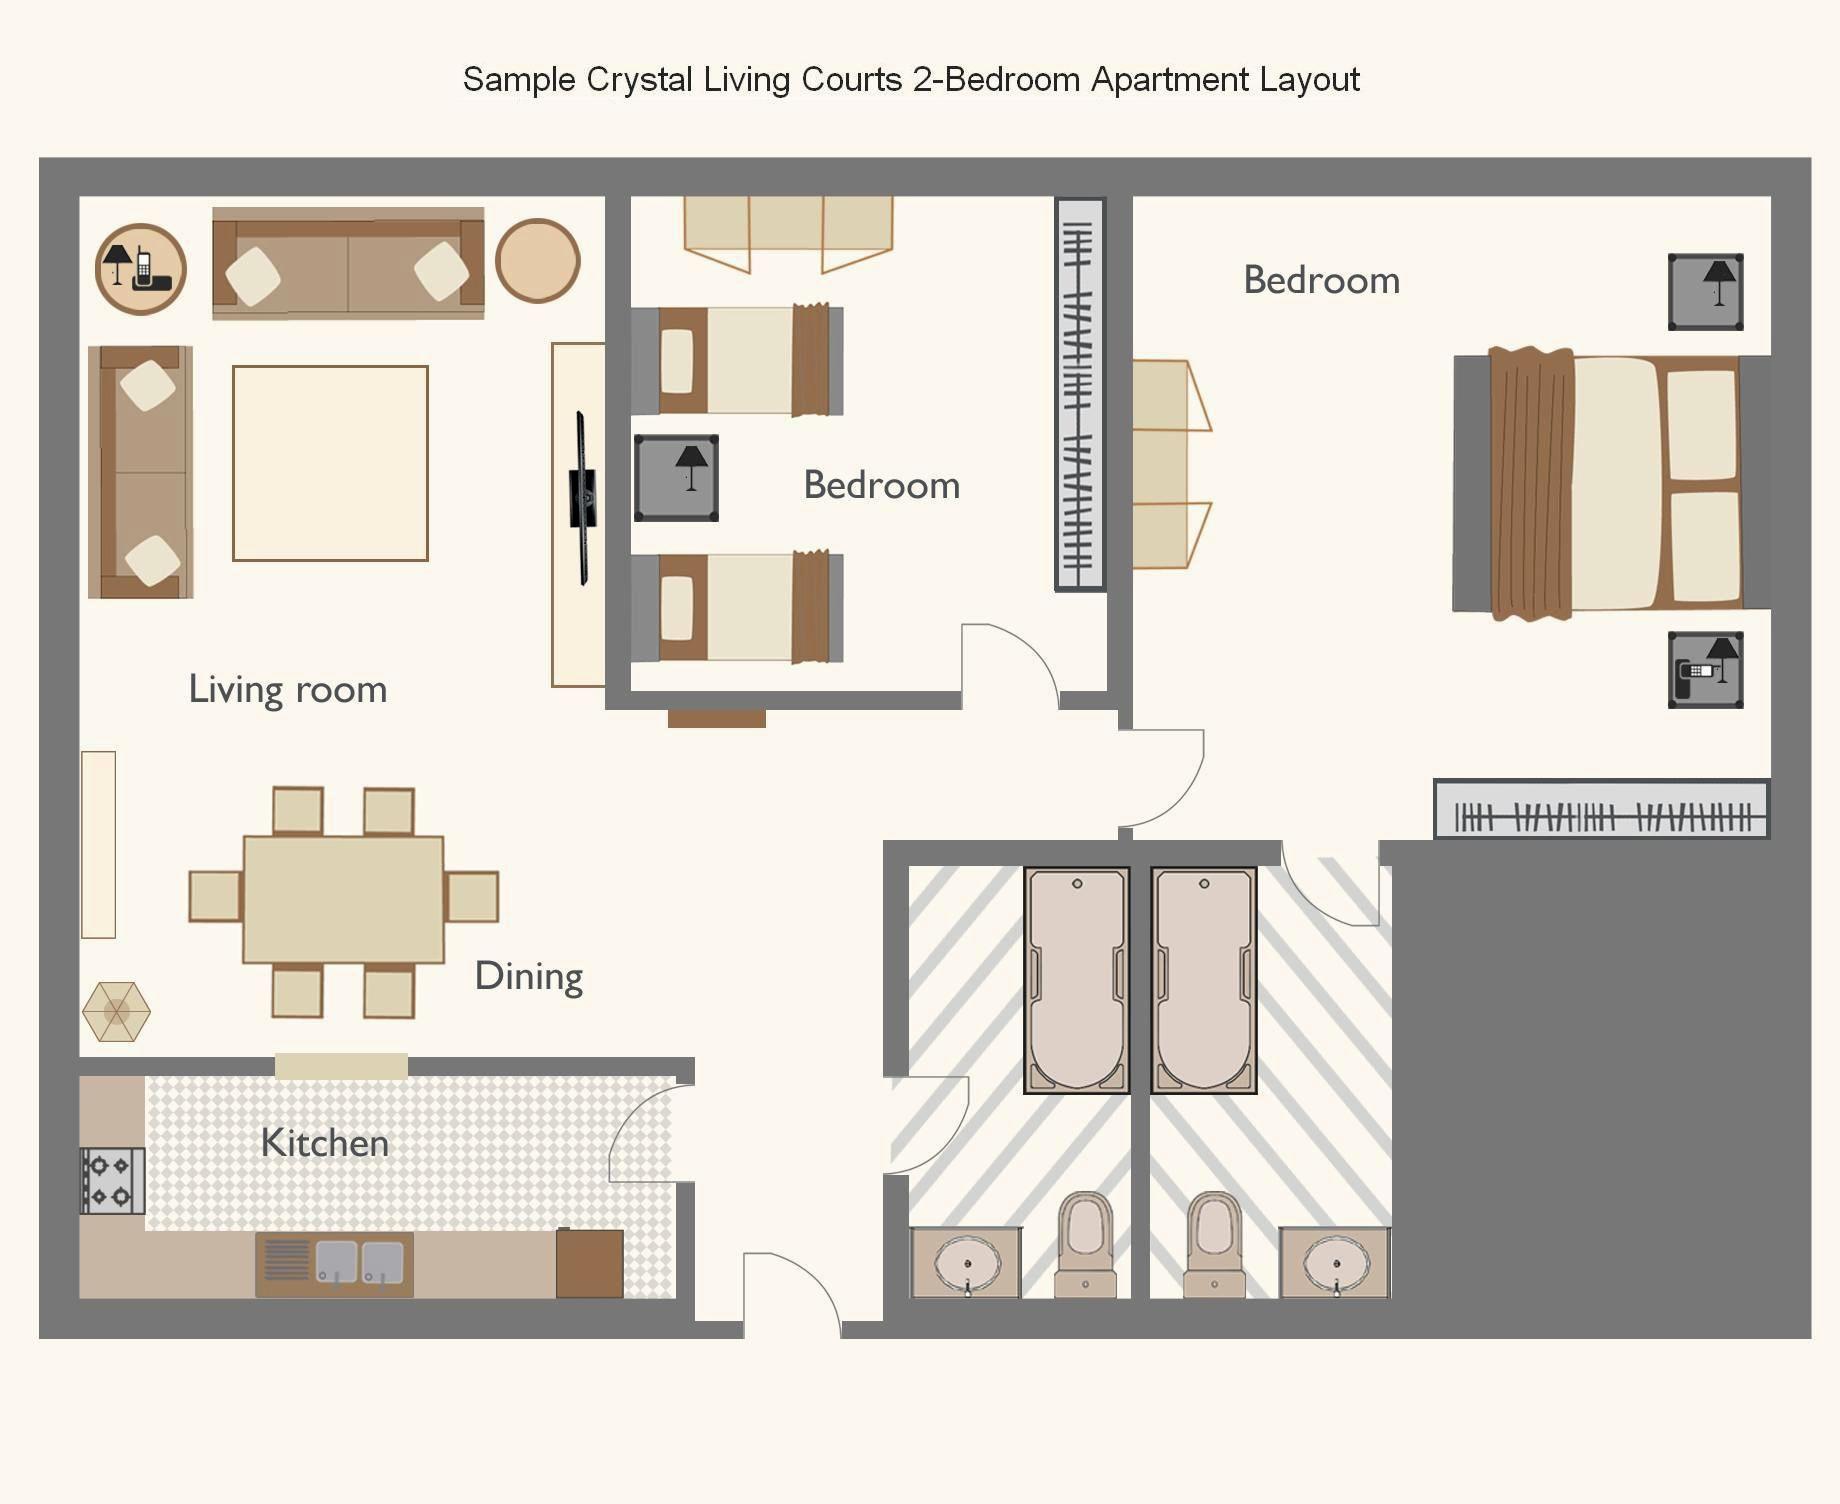 unique bathroom floor tiles layout-Best Bathroom Floor Tiles Pattern